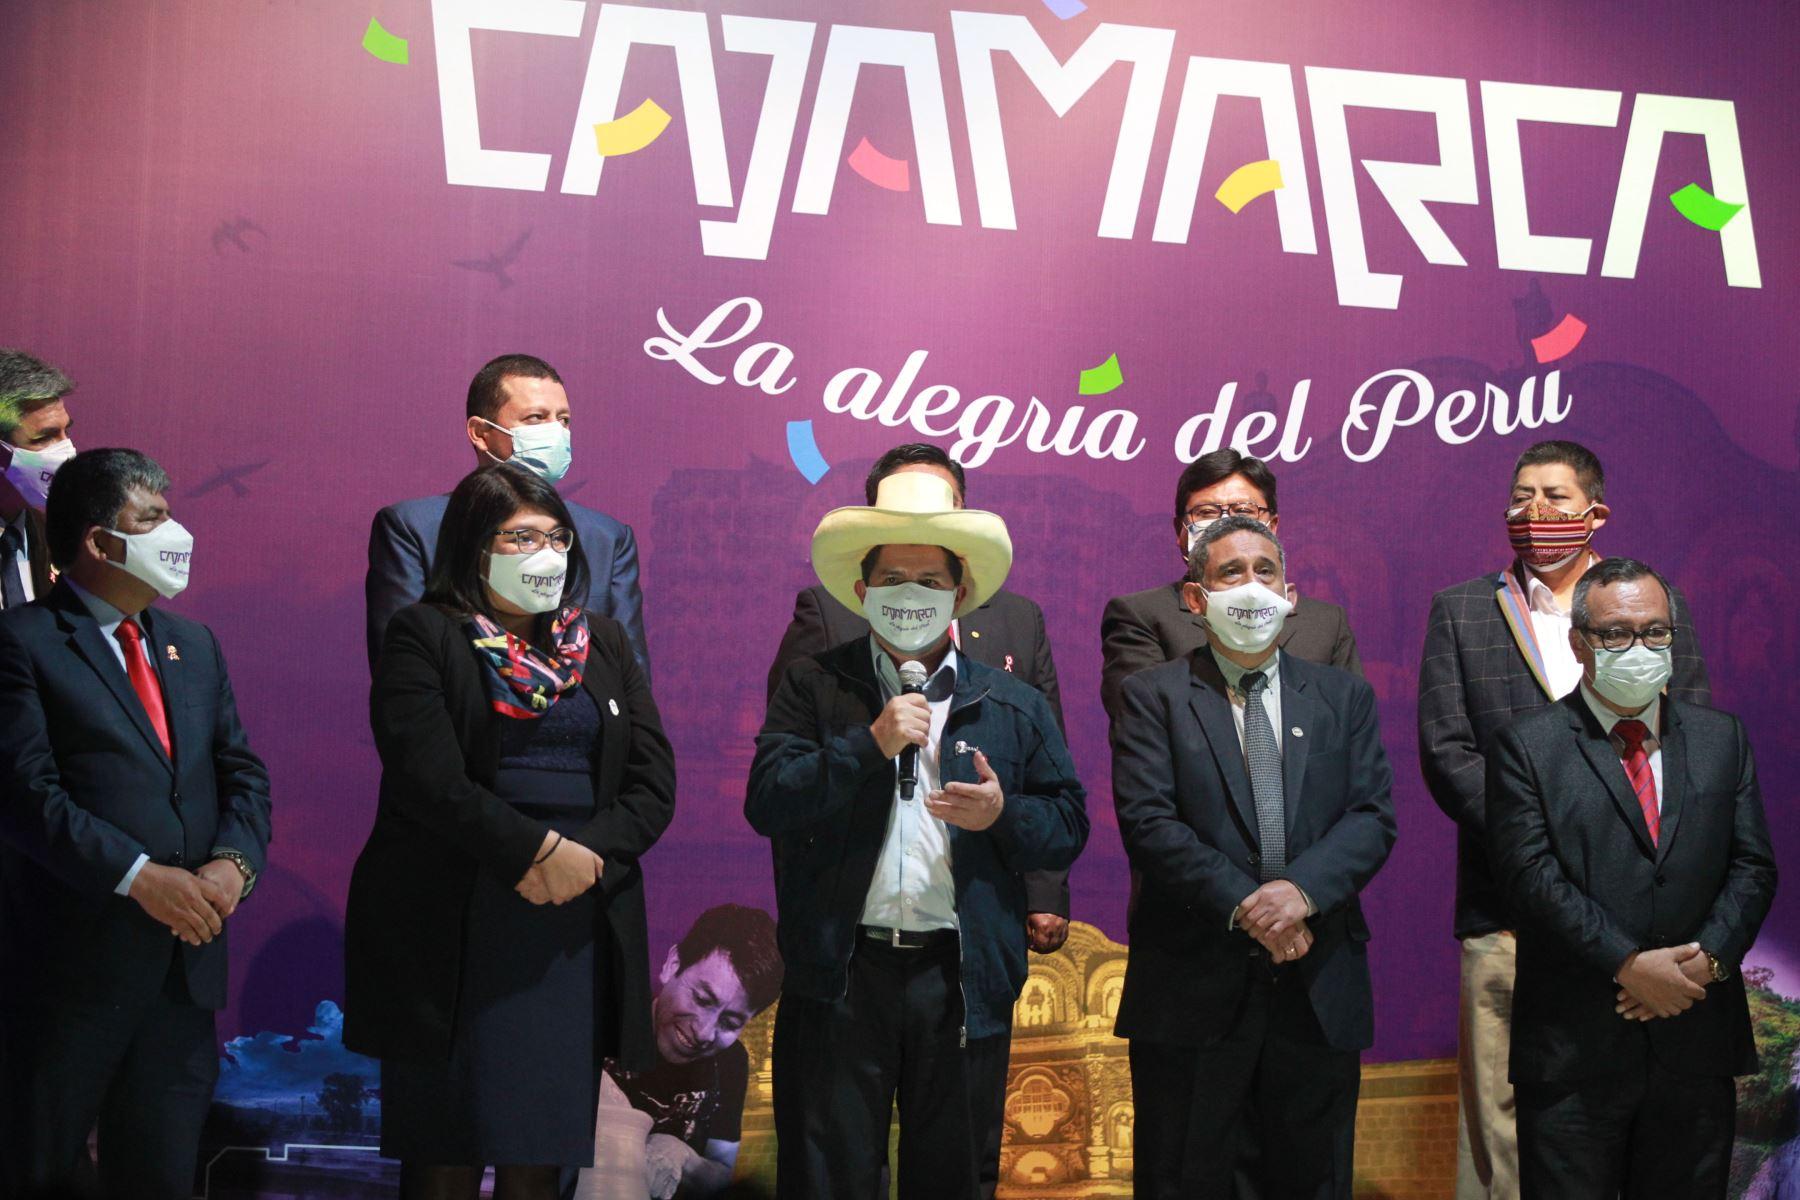 El presidente electo Pedro Castillo participa en el lanzamiento de la Marca Cajamarca a nivel nacional desde el Circuito Mágico del Agua.  Foto: ANDINA/Jhony Laurente